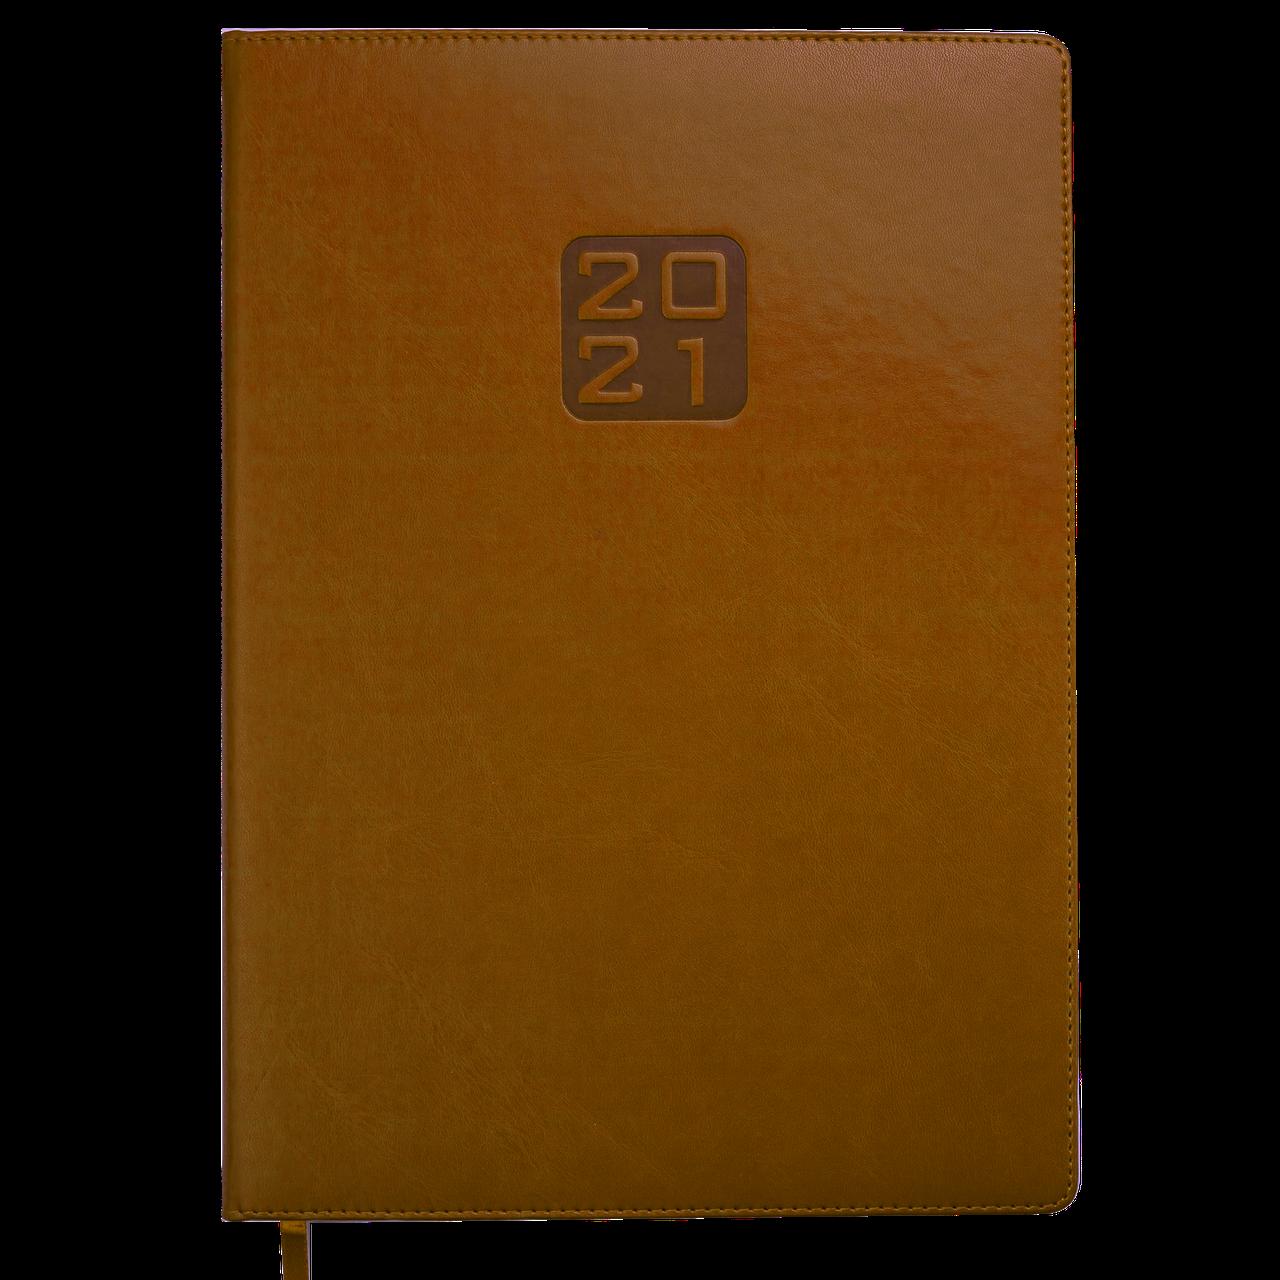 Ежедневник датированный в линию Buromax 2021 Bravo, 336 страниц, A4 коньячный